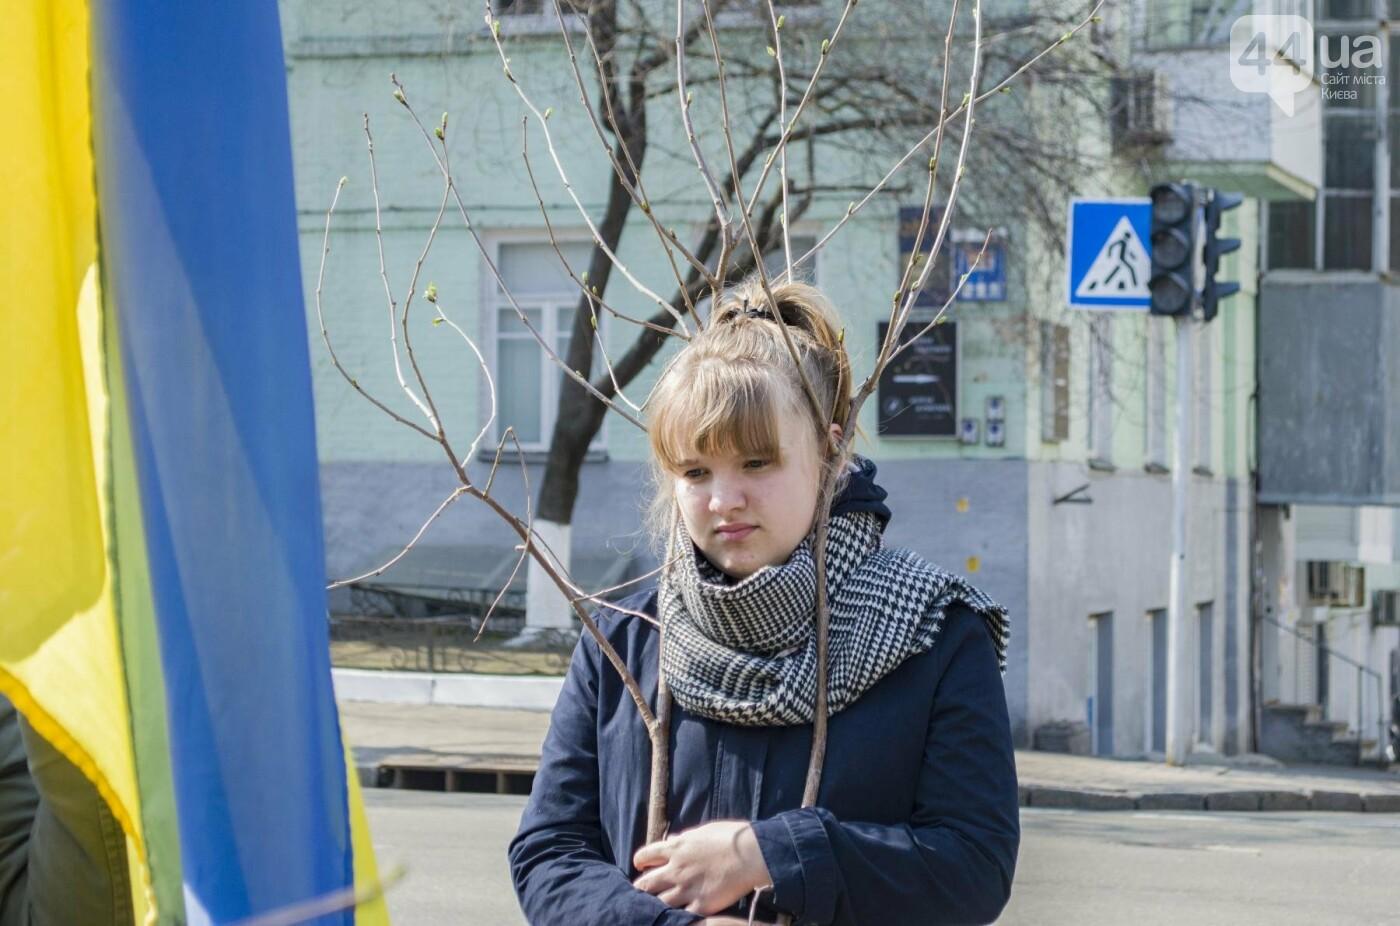 Под Киевом вместо школы хотят построить многоэтажку: жители вышли на митинг, фото-12